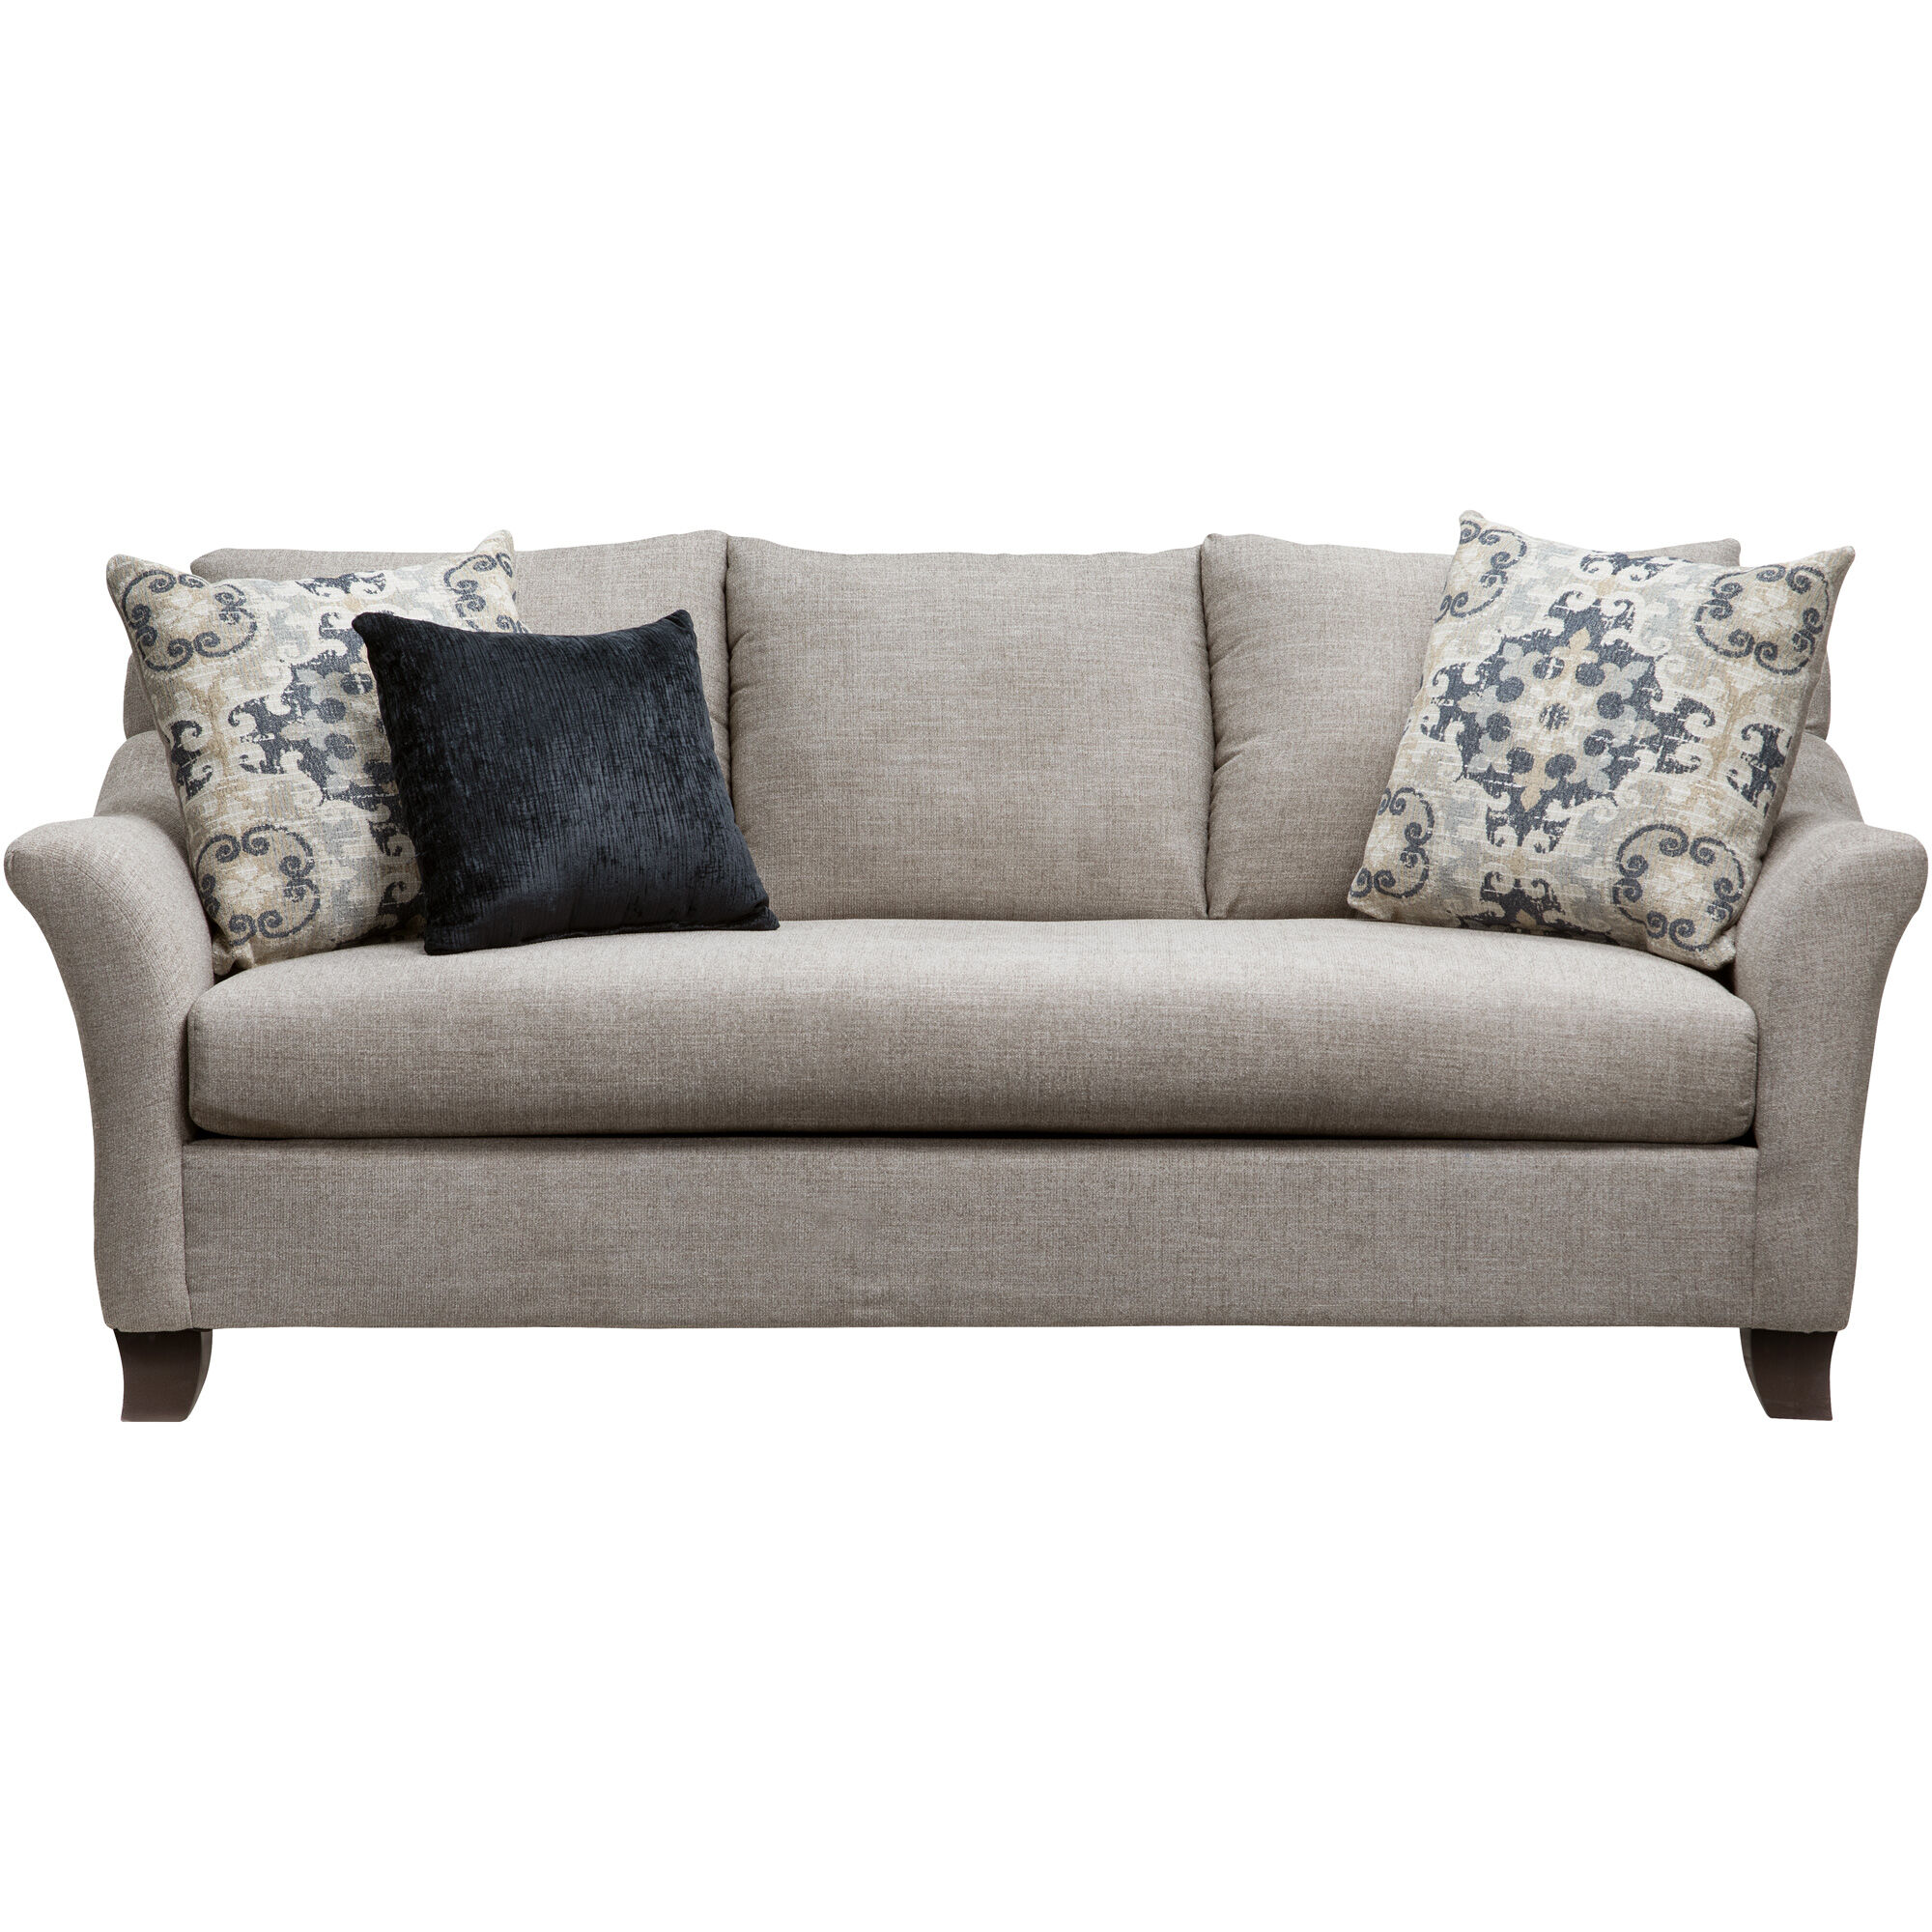 slumberland com sofas deep seated sleeper sofa furniture rhine room group